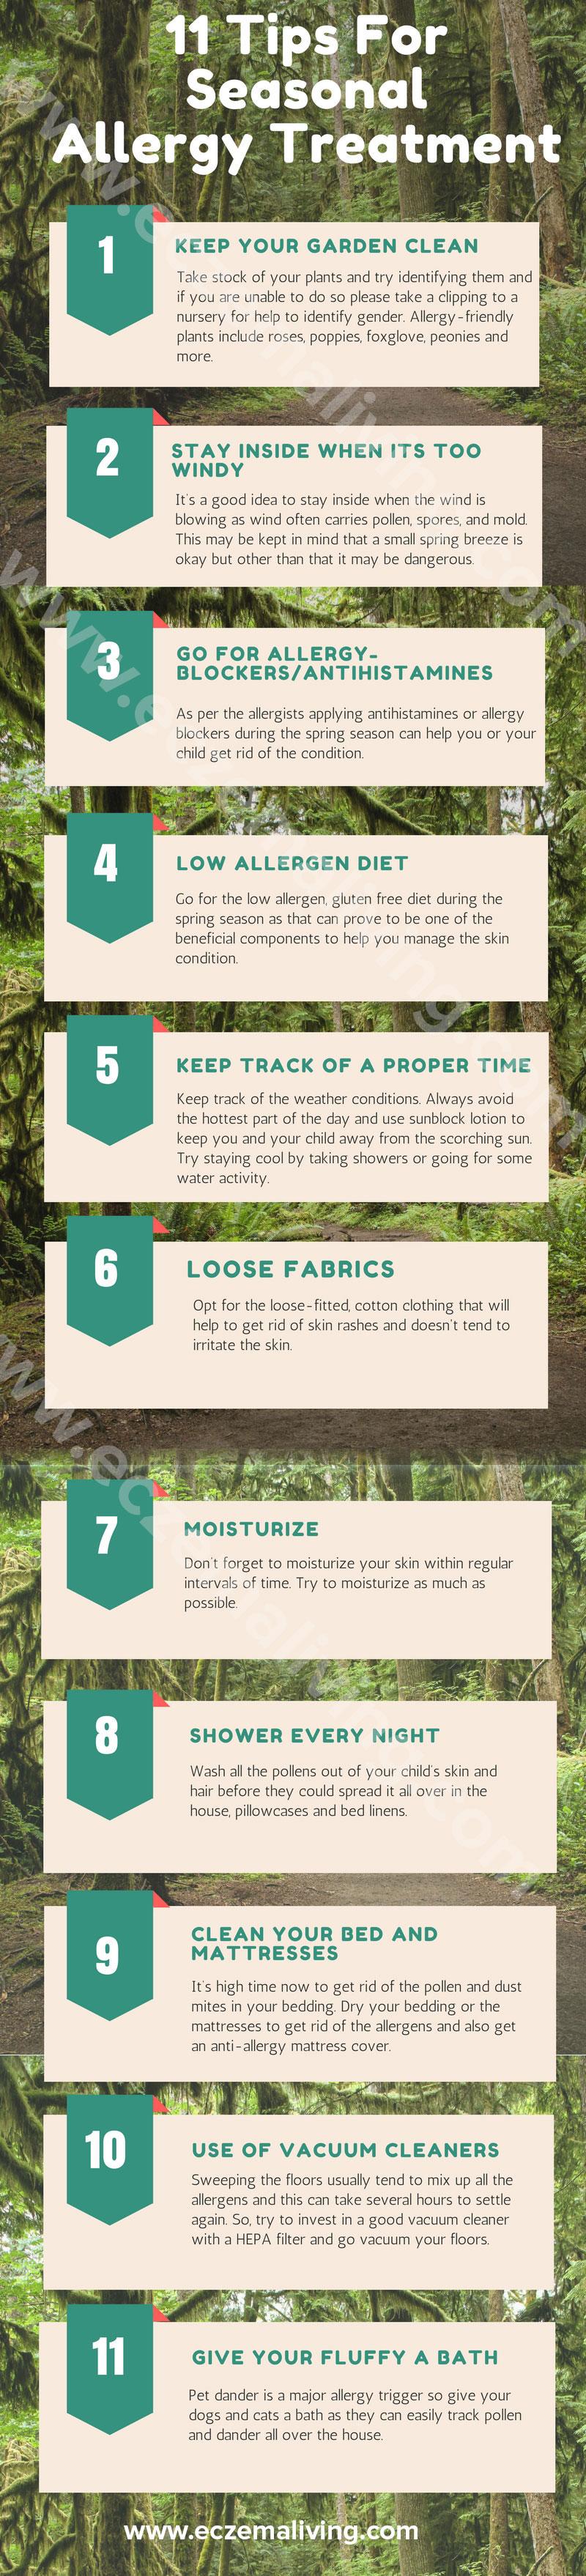 11 Tips for seasonal allergy treatment